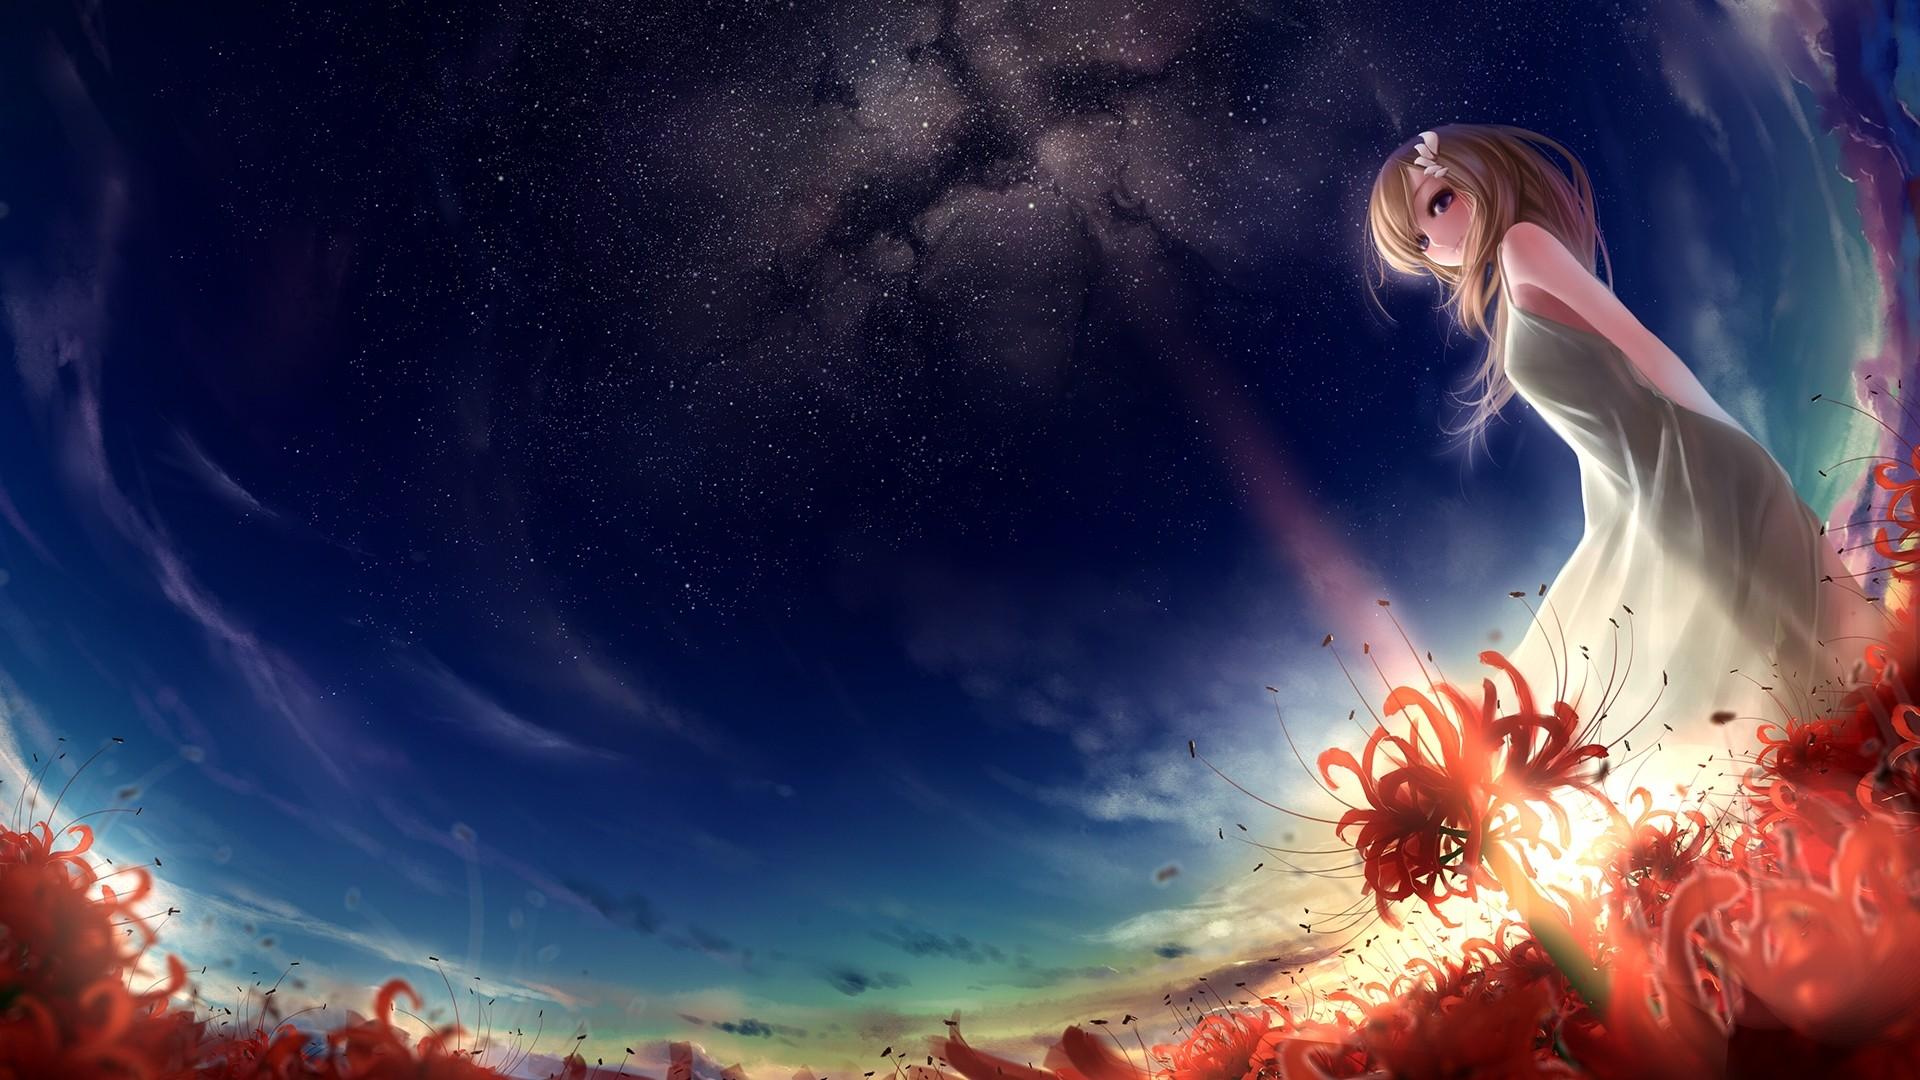 Anime Fanart Wallpaper for pc